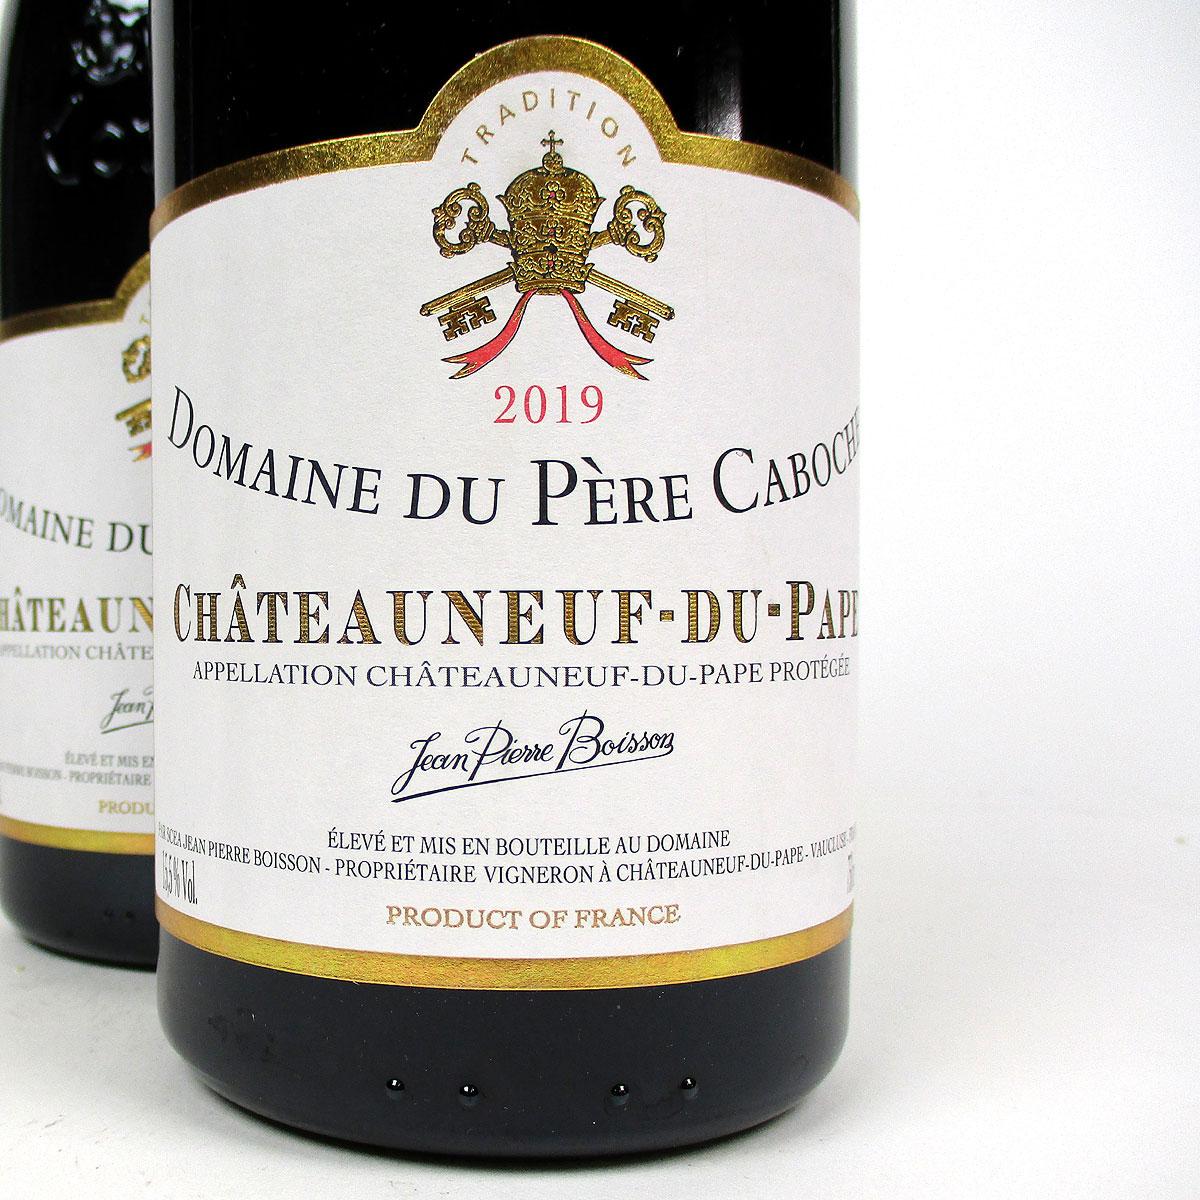 Châteauneuf du Pape: Domaine du Père Caboche Rouge 2019